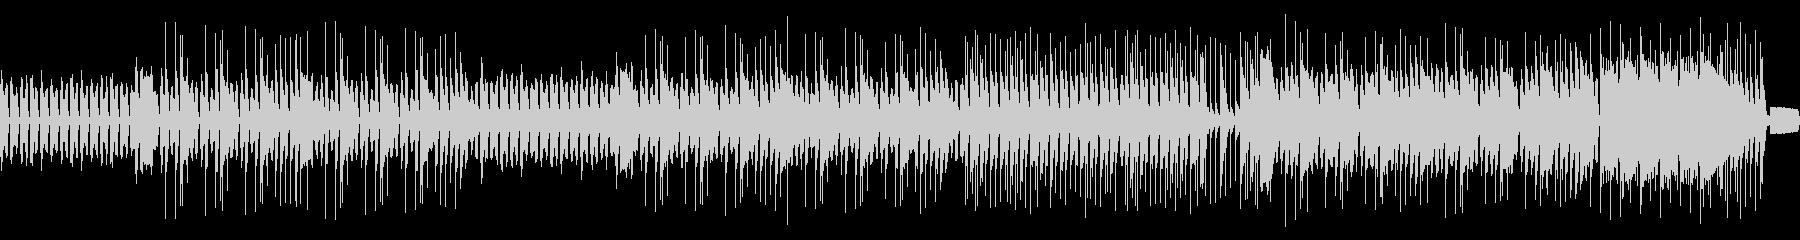 【ドラム抜/ループ】コミカルなハロウィンの未再生の波形